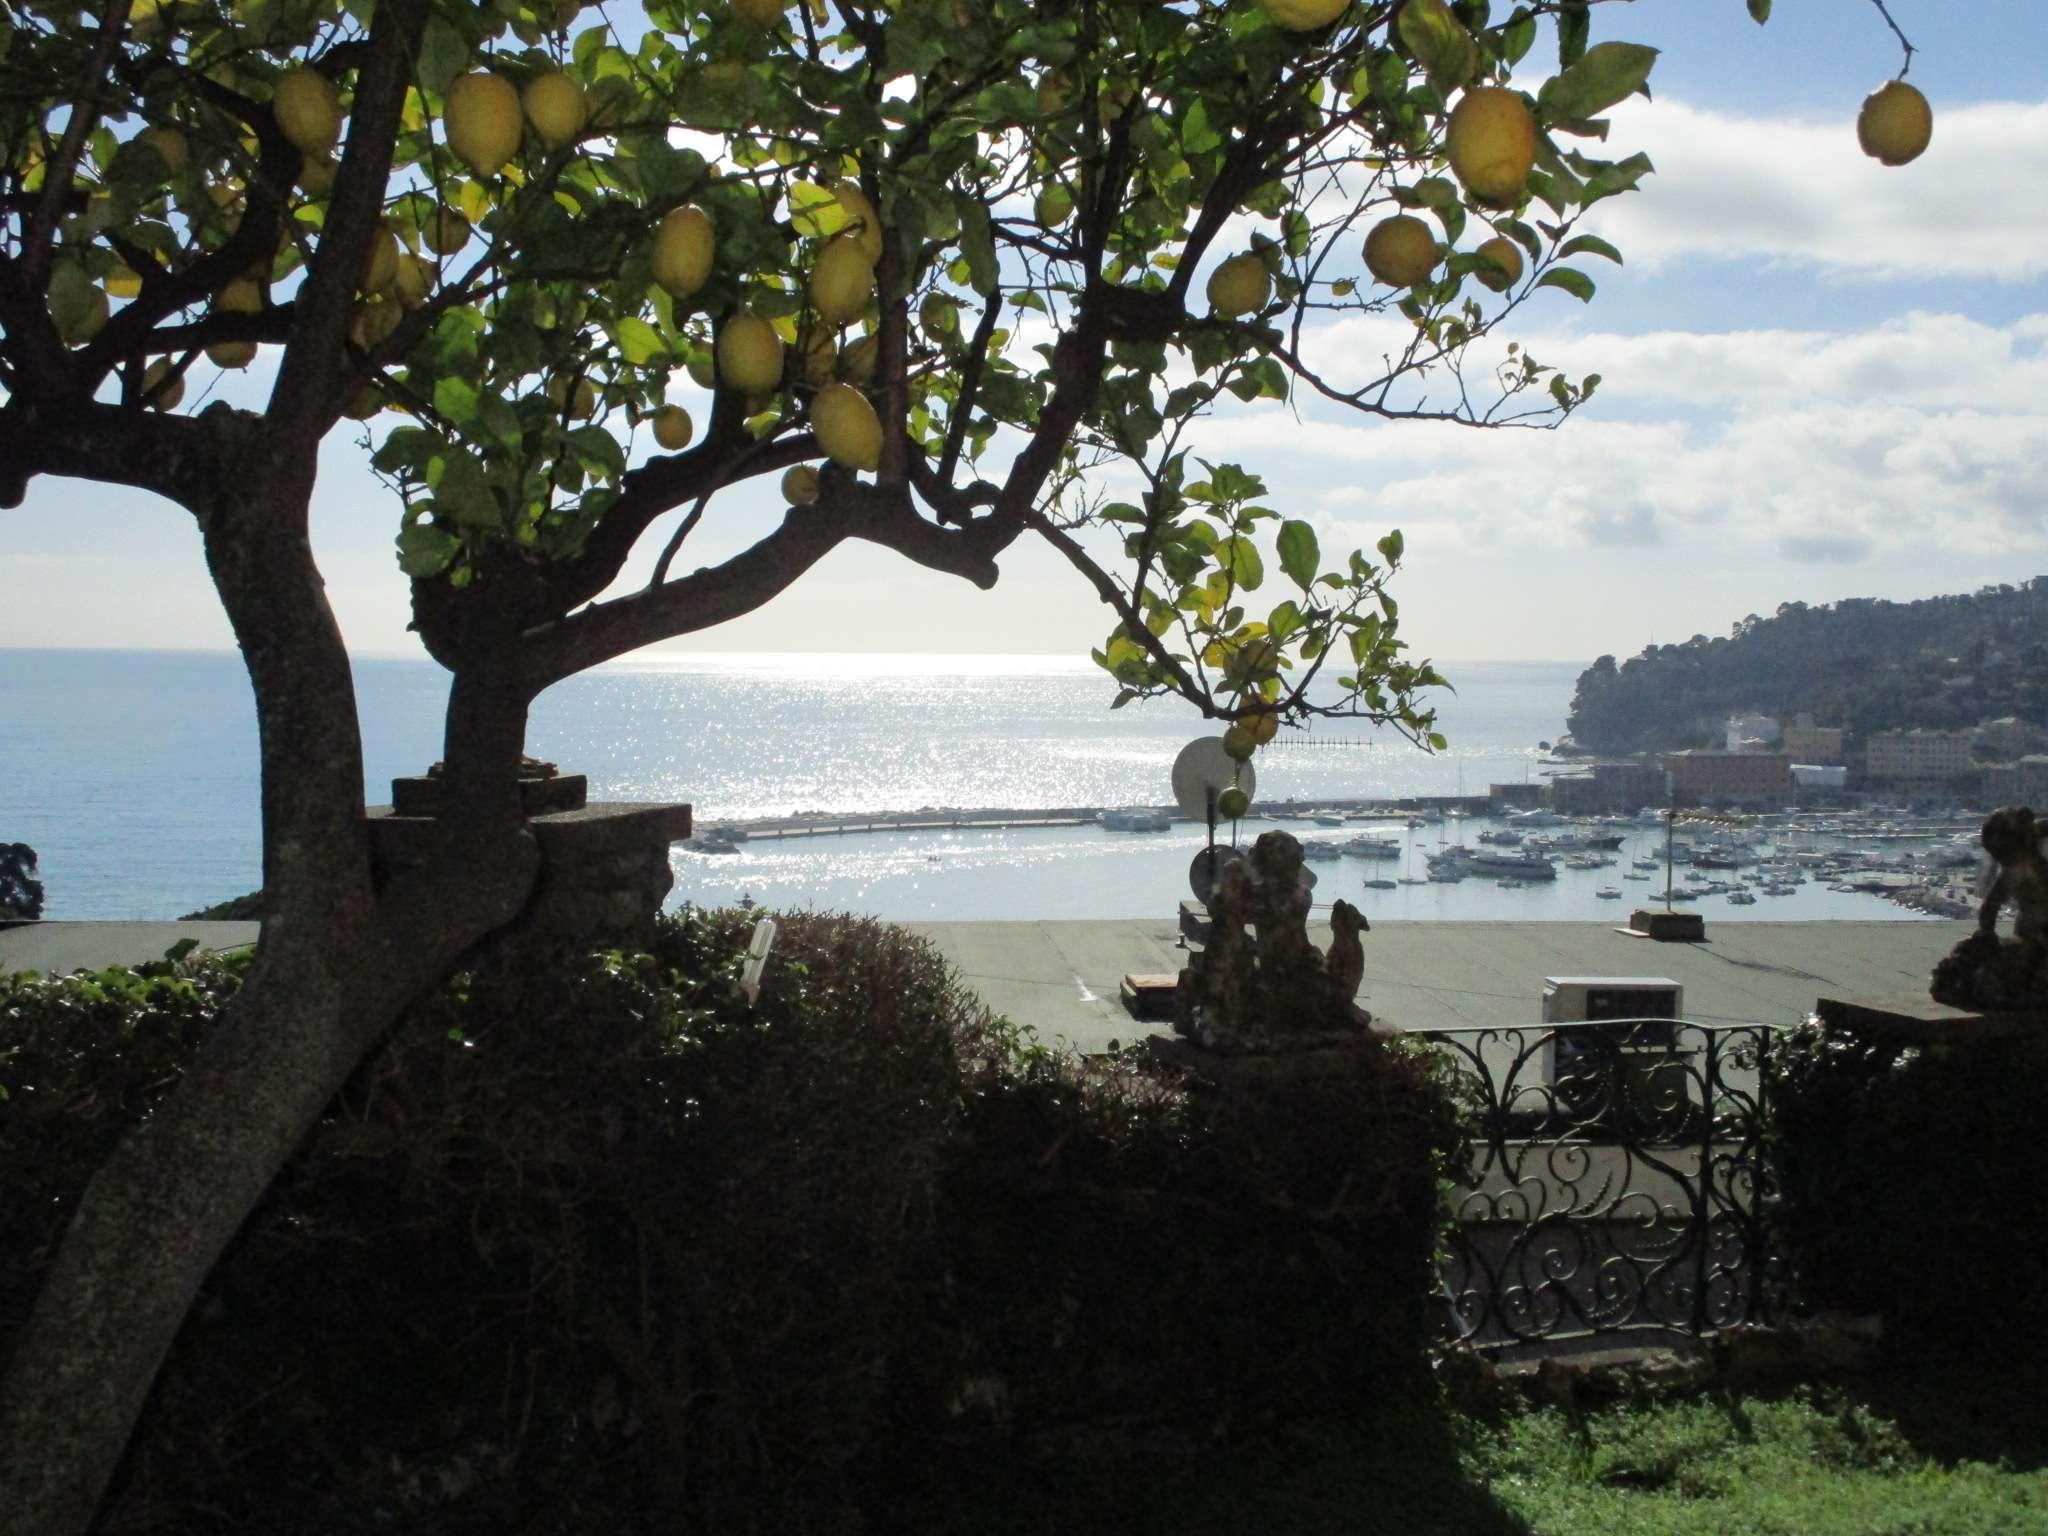 Santa Margherita Ligure Santa Margherita Ligure Vendita APPARTAMENTO » annunci immobiliari, case da affittare a torino